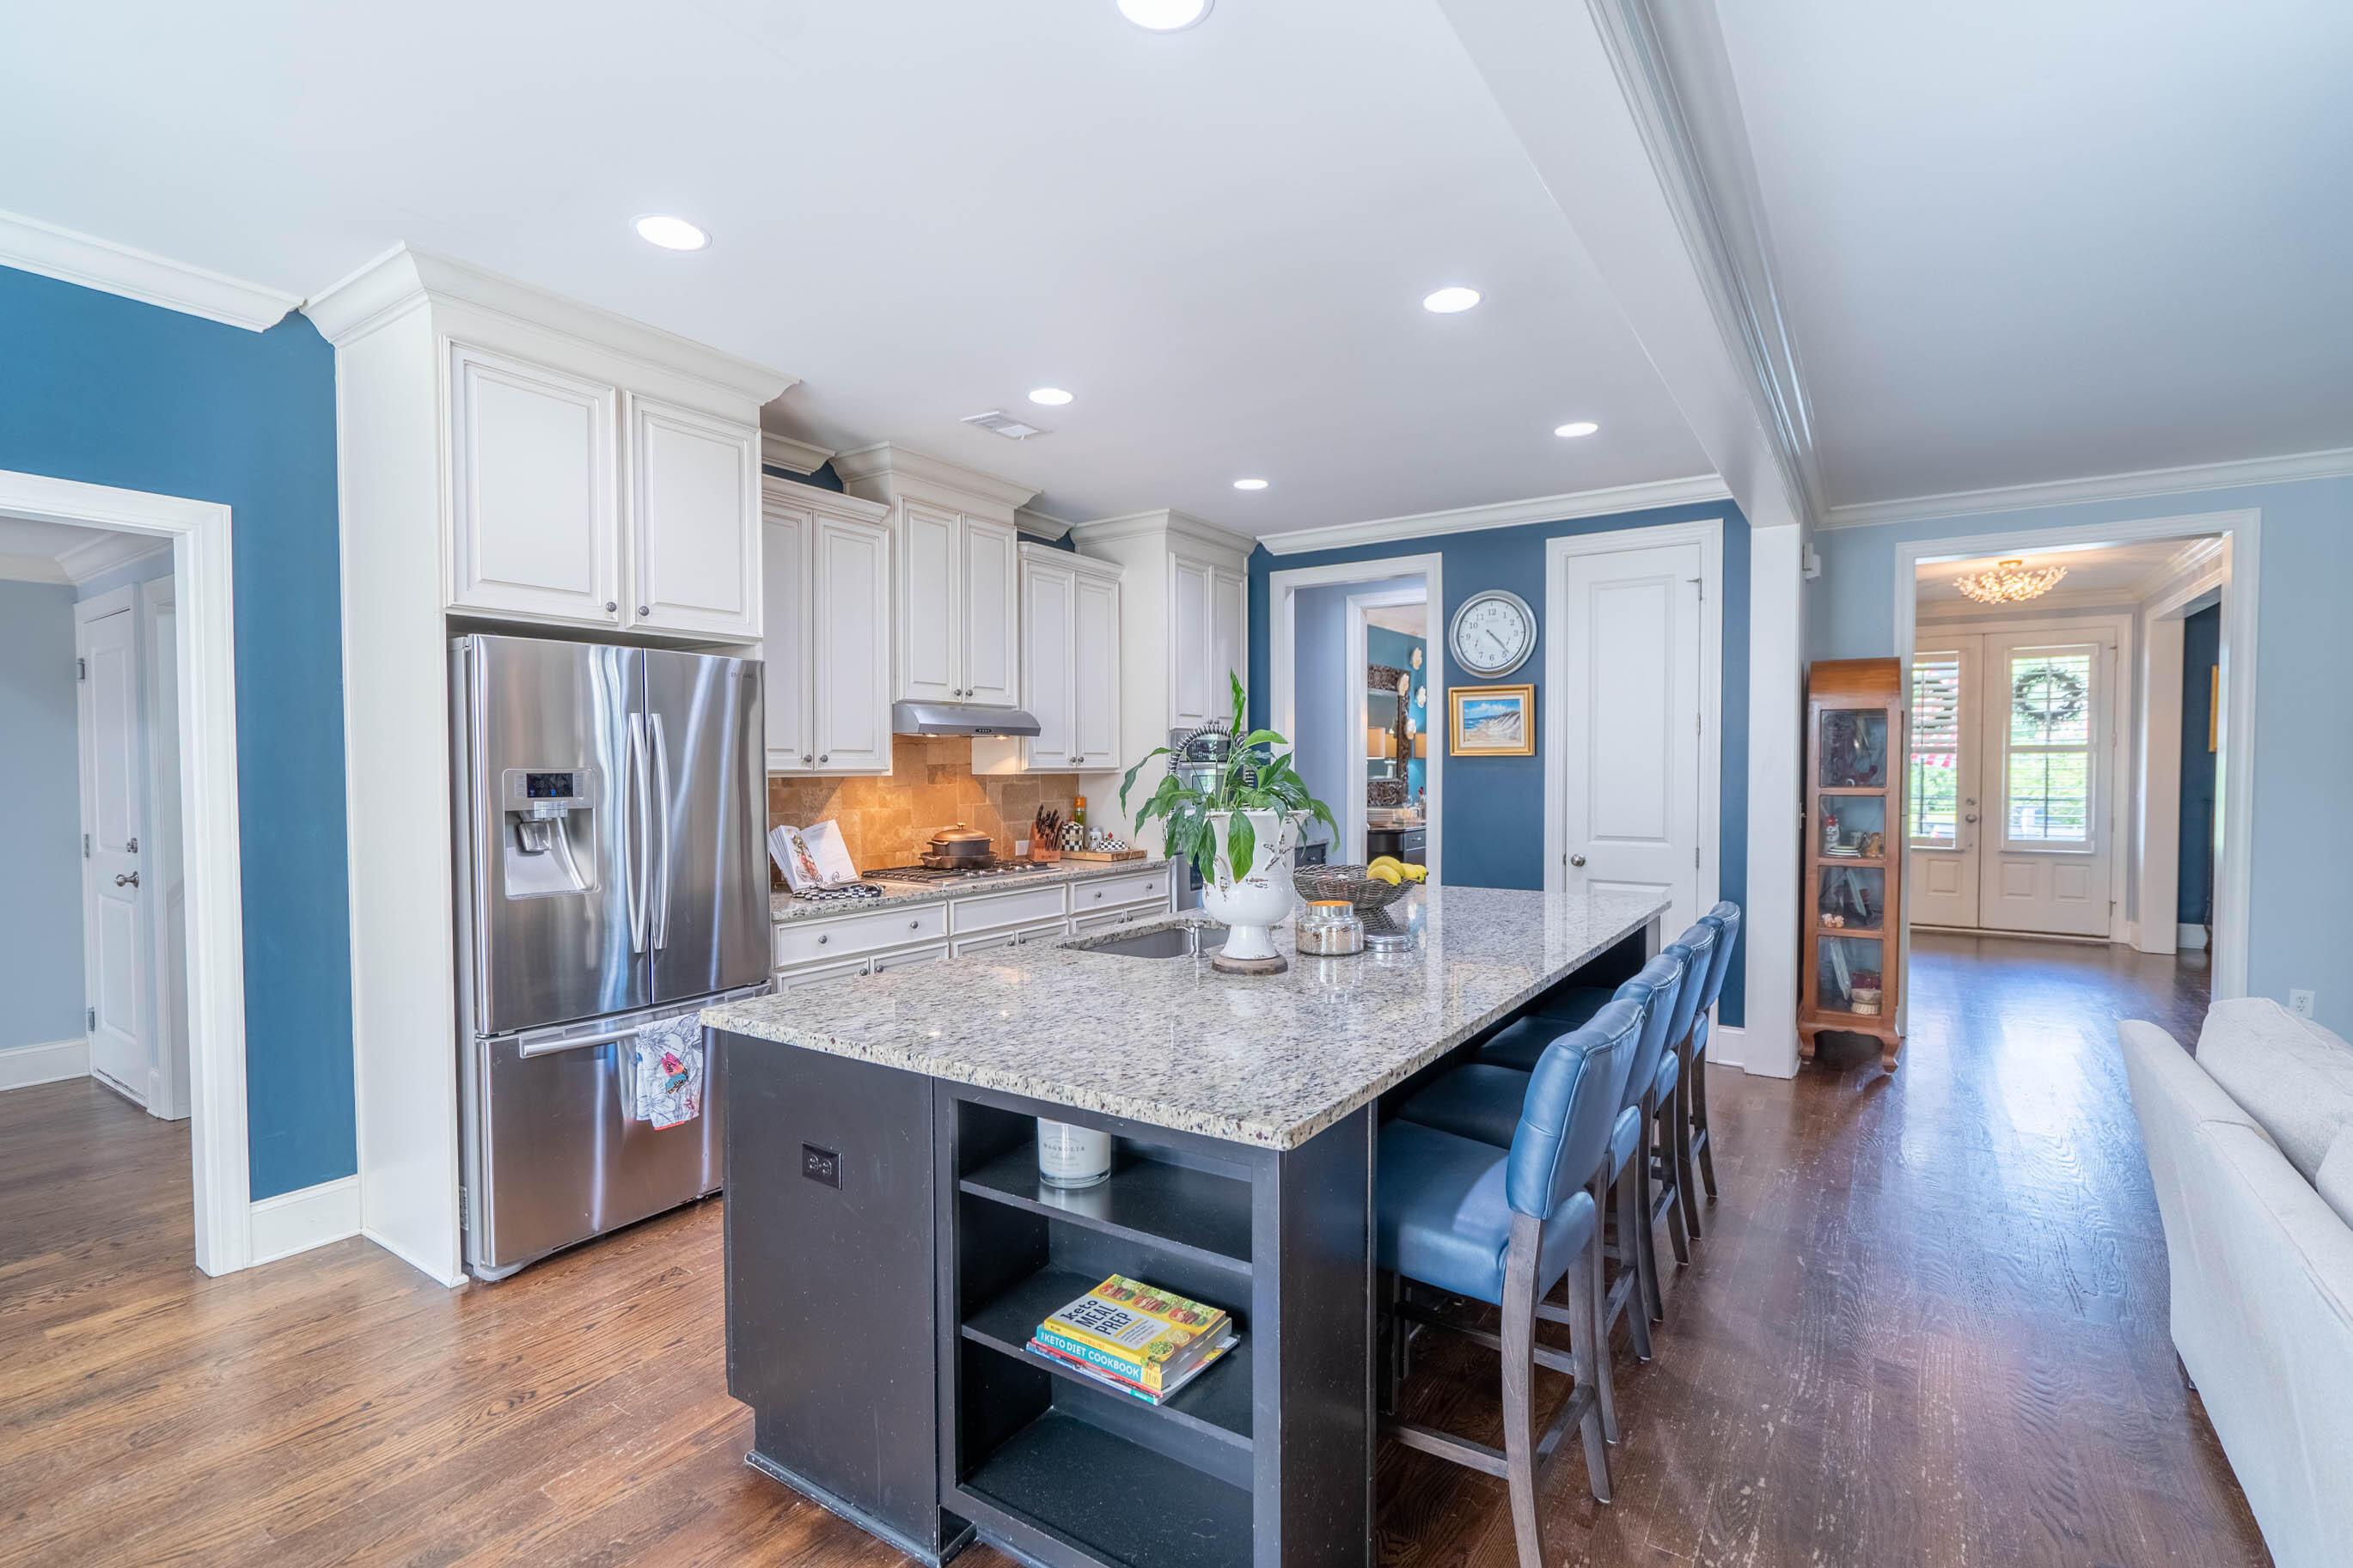 Dunes West Homes For Sale - 2997 Sturbridge, Mount Pleasant, SC - 9